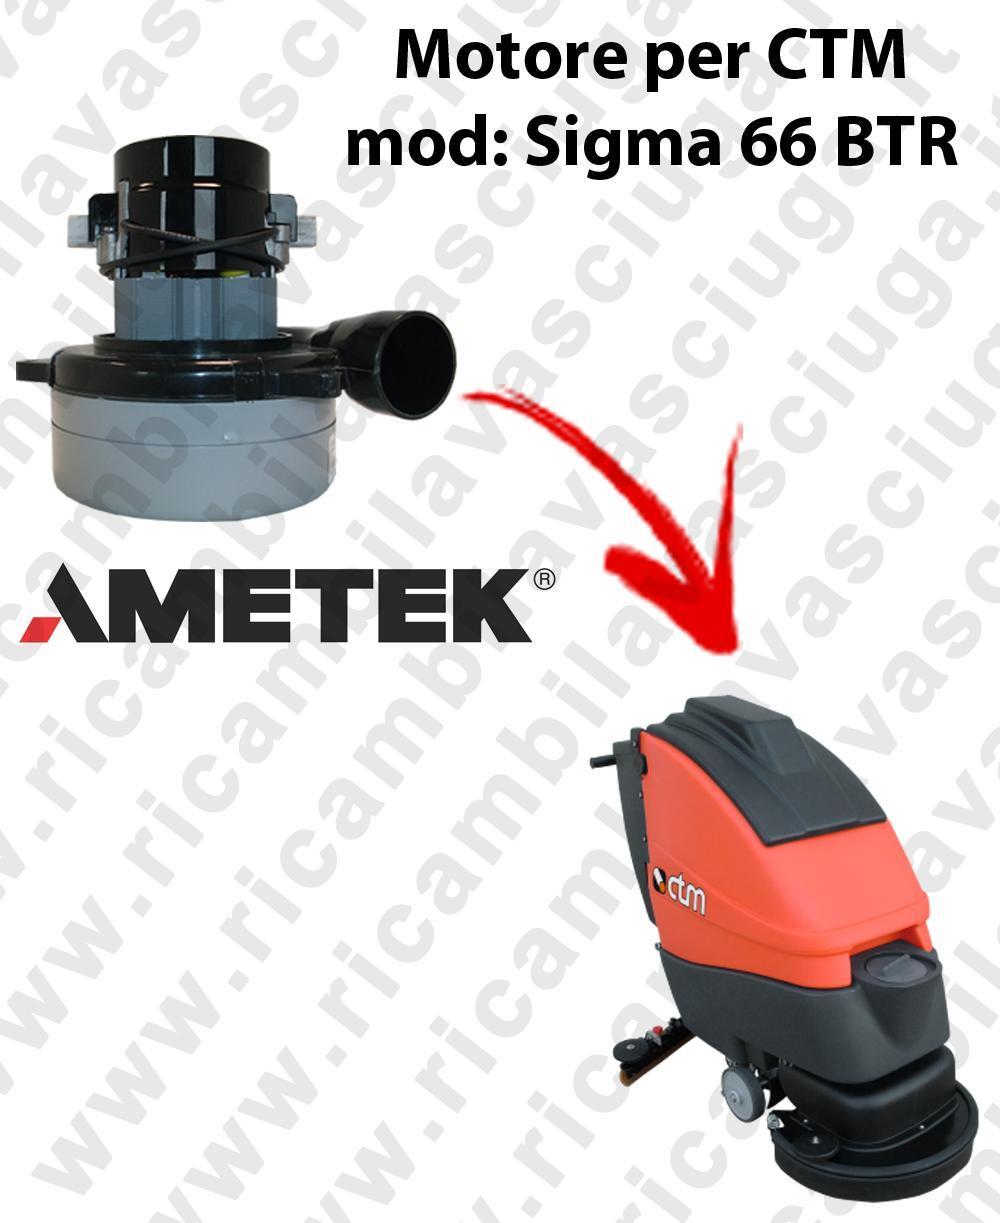 SIGMA 66 BTR Saugmotor LAMB AMETEK für scheuersaugmaschinen CTM